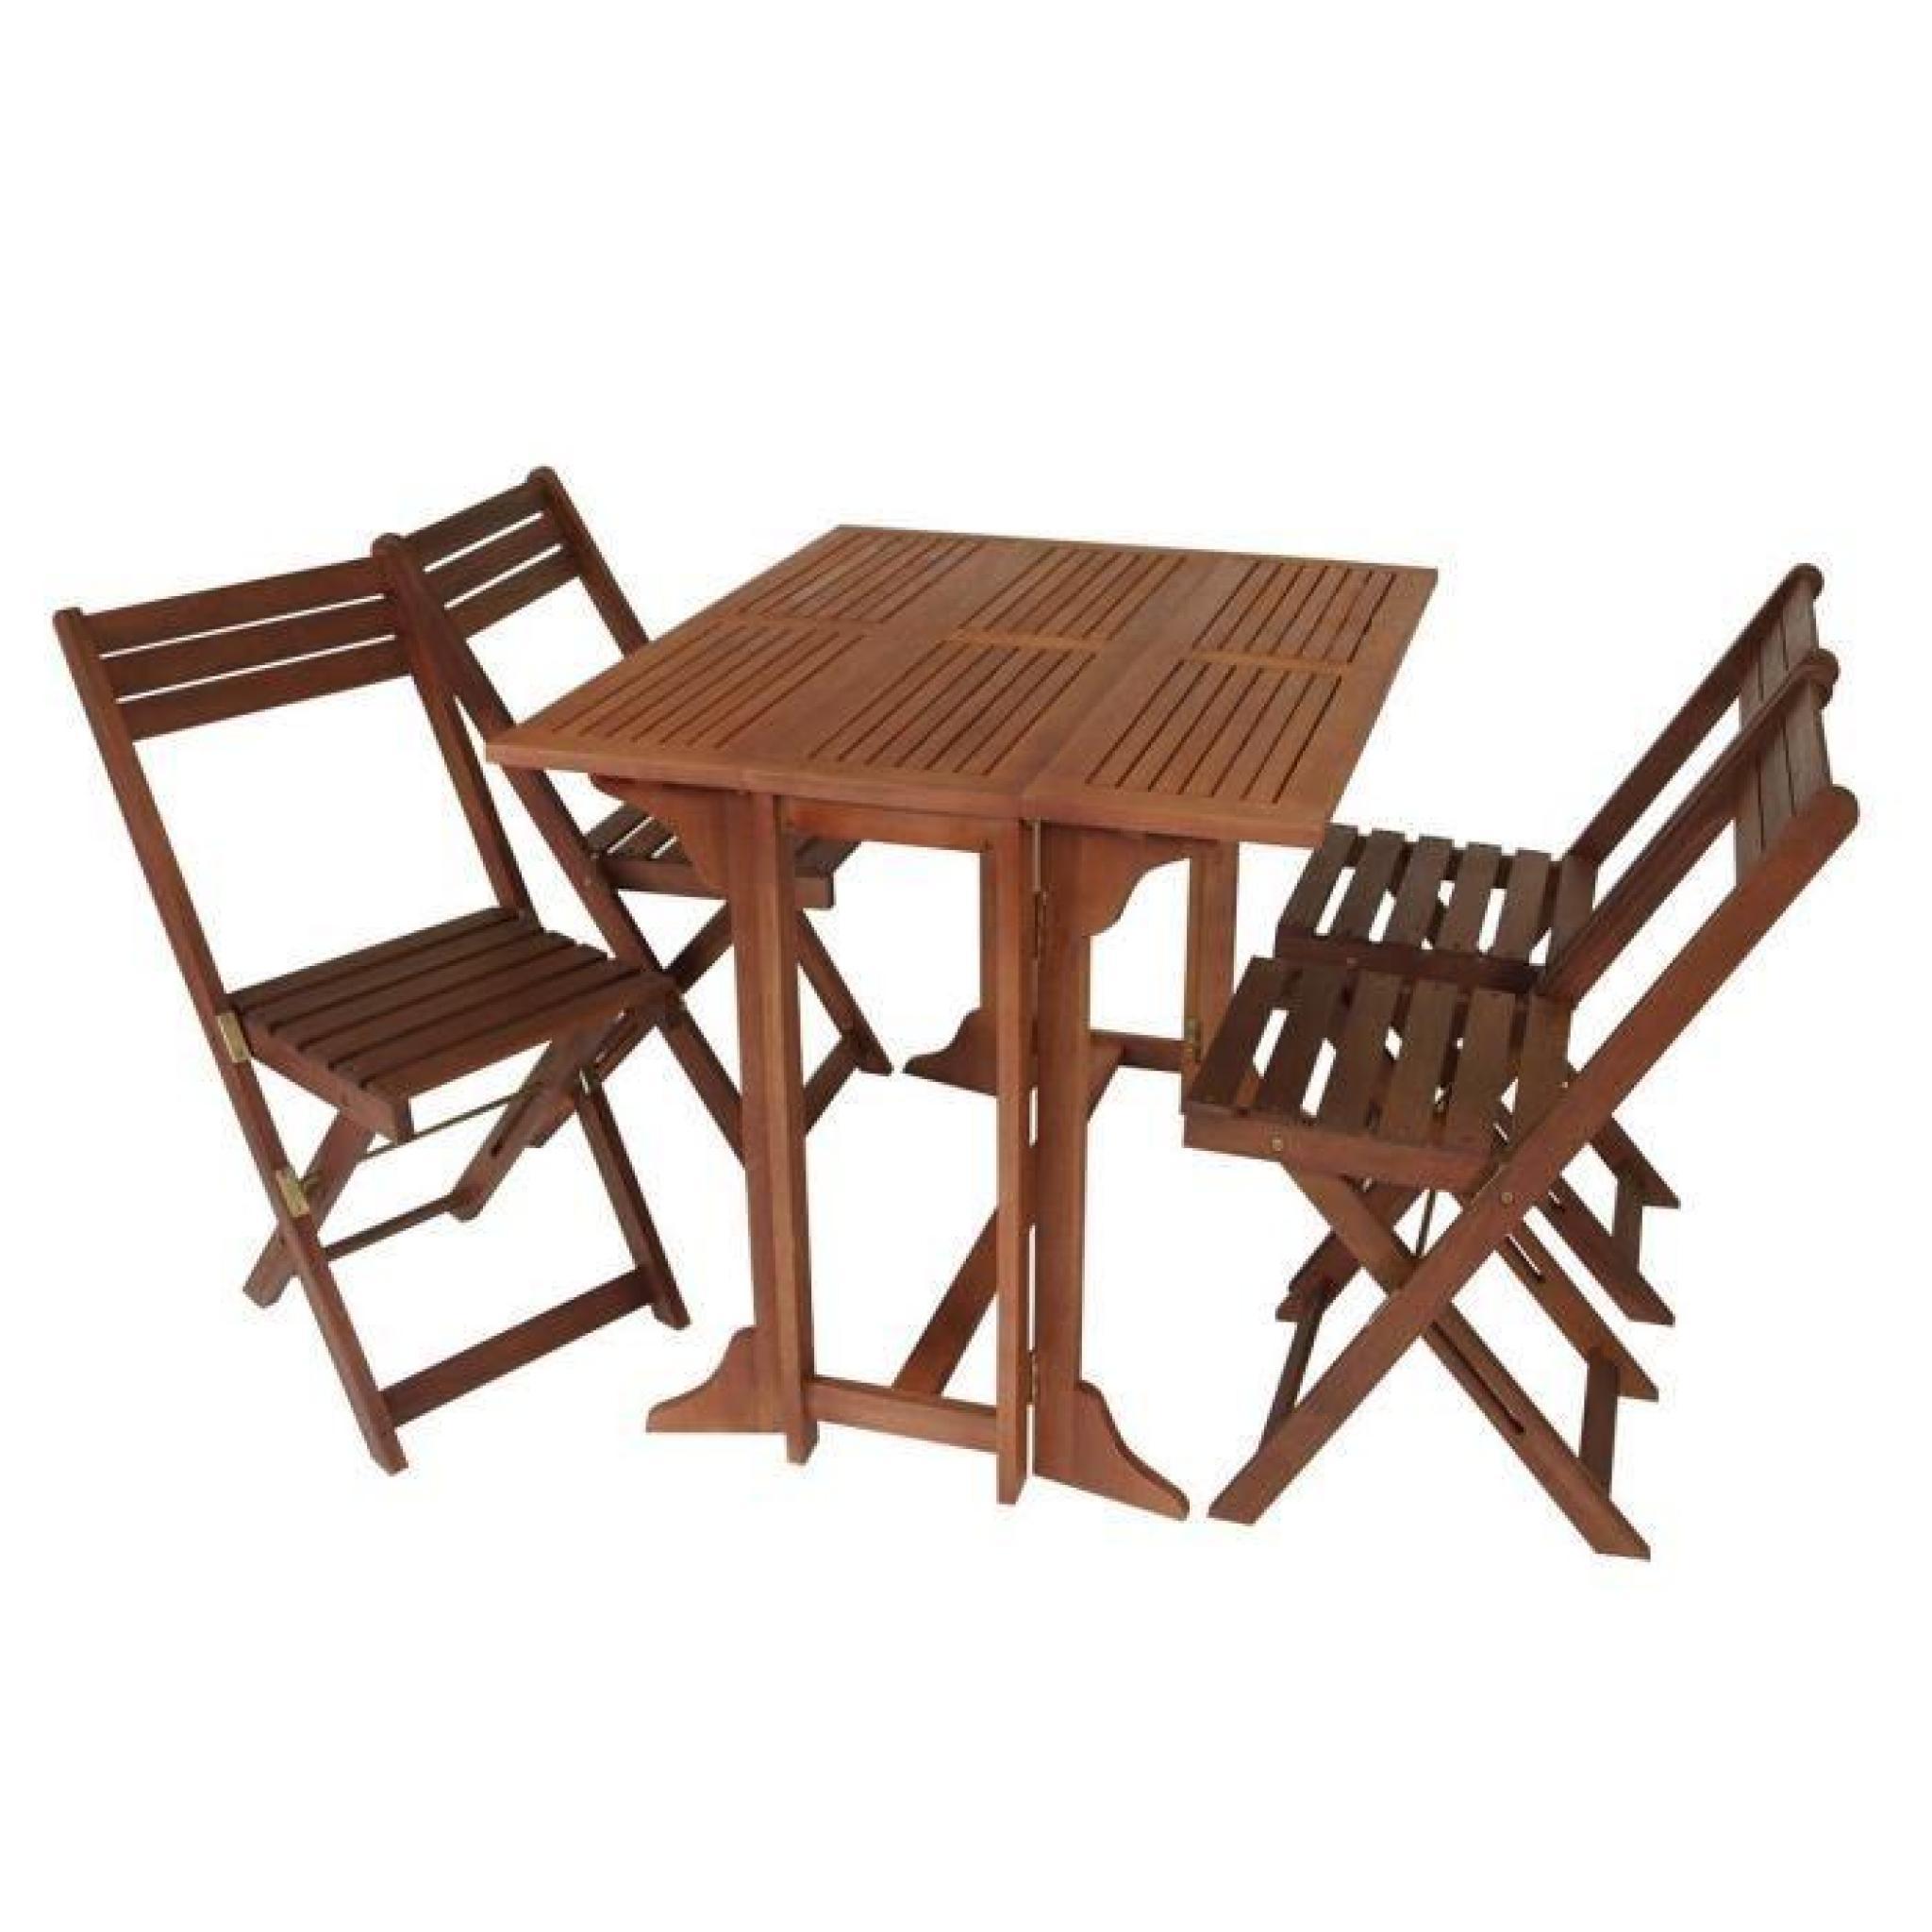 Set de jardin/balcon 4 chaises pliantes 1 table pliante bois d ...